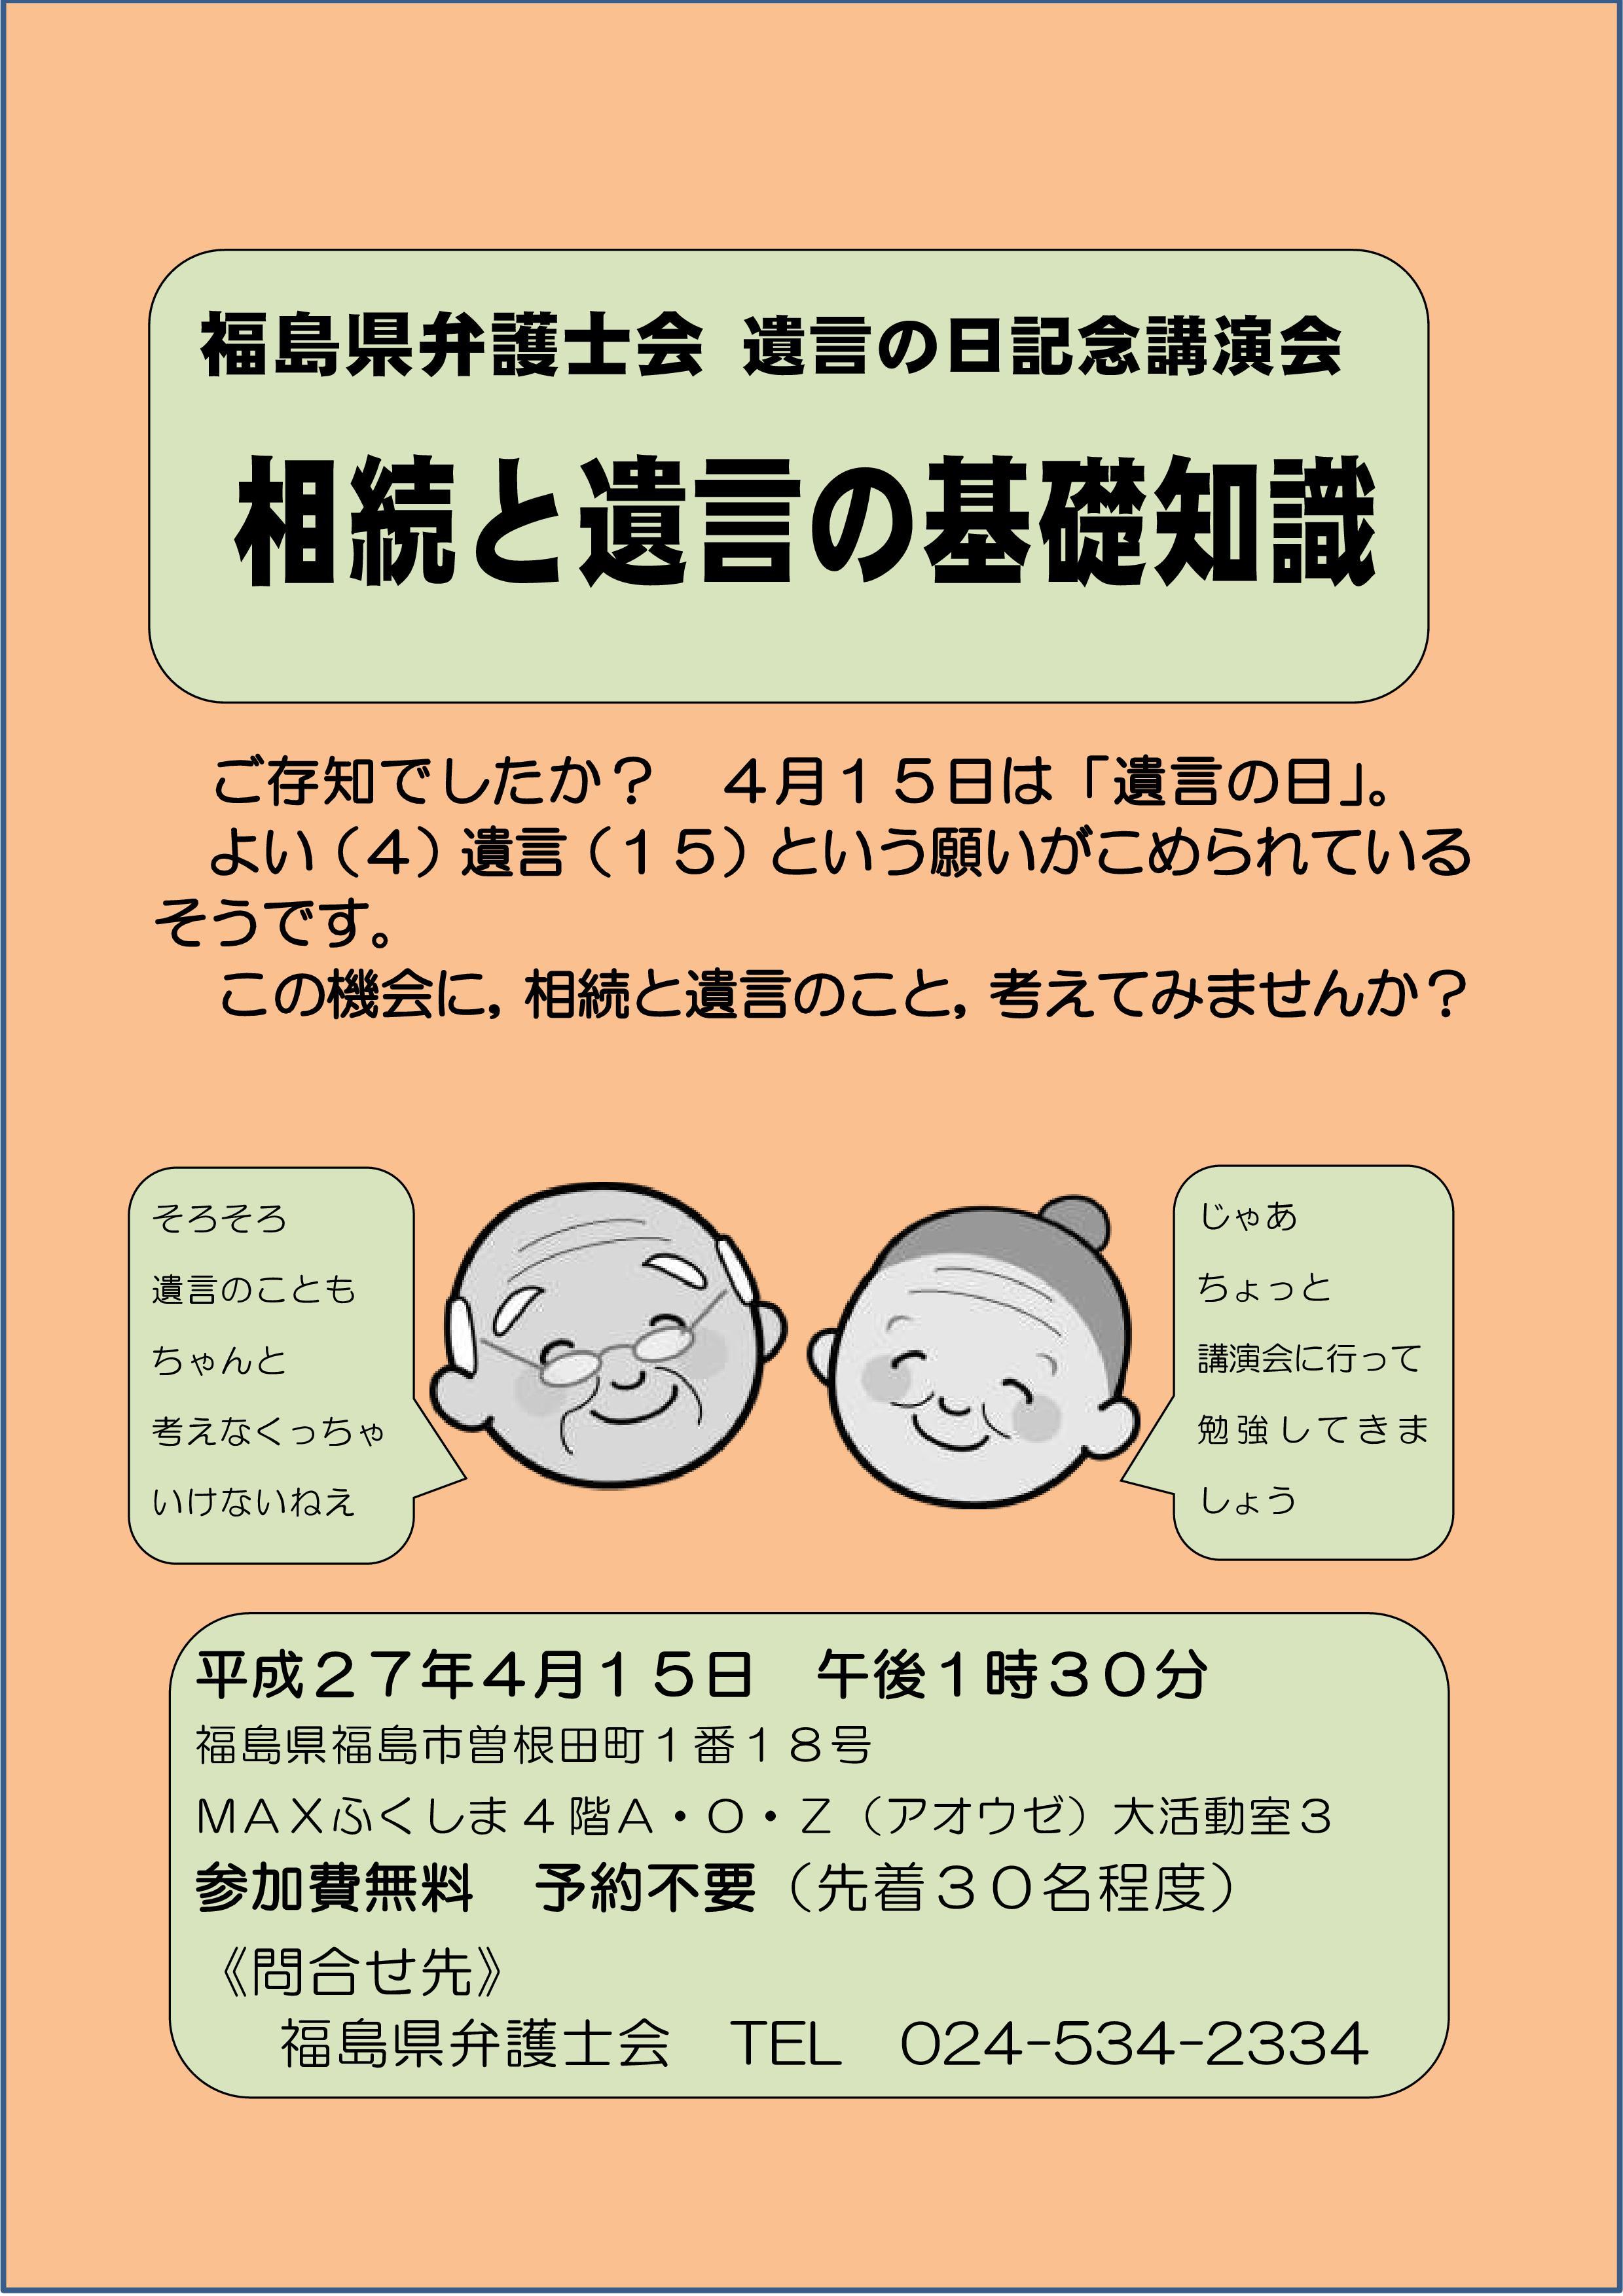 20150415遺言の日記念講演会チラシ(HP掲載)